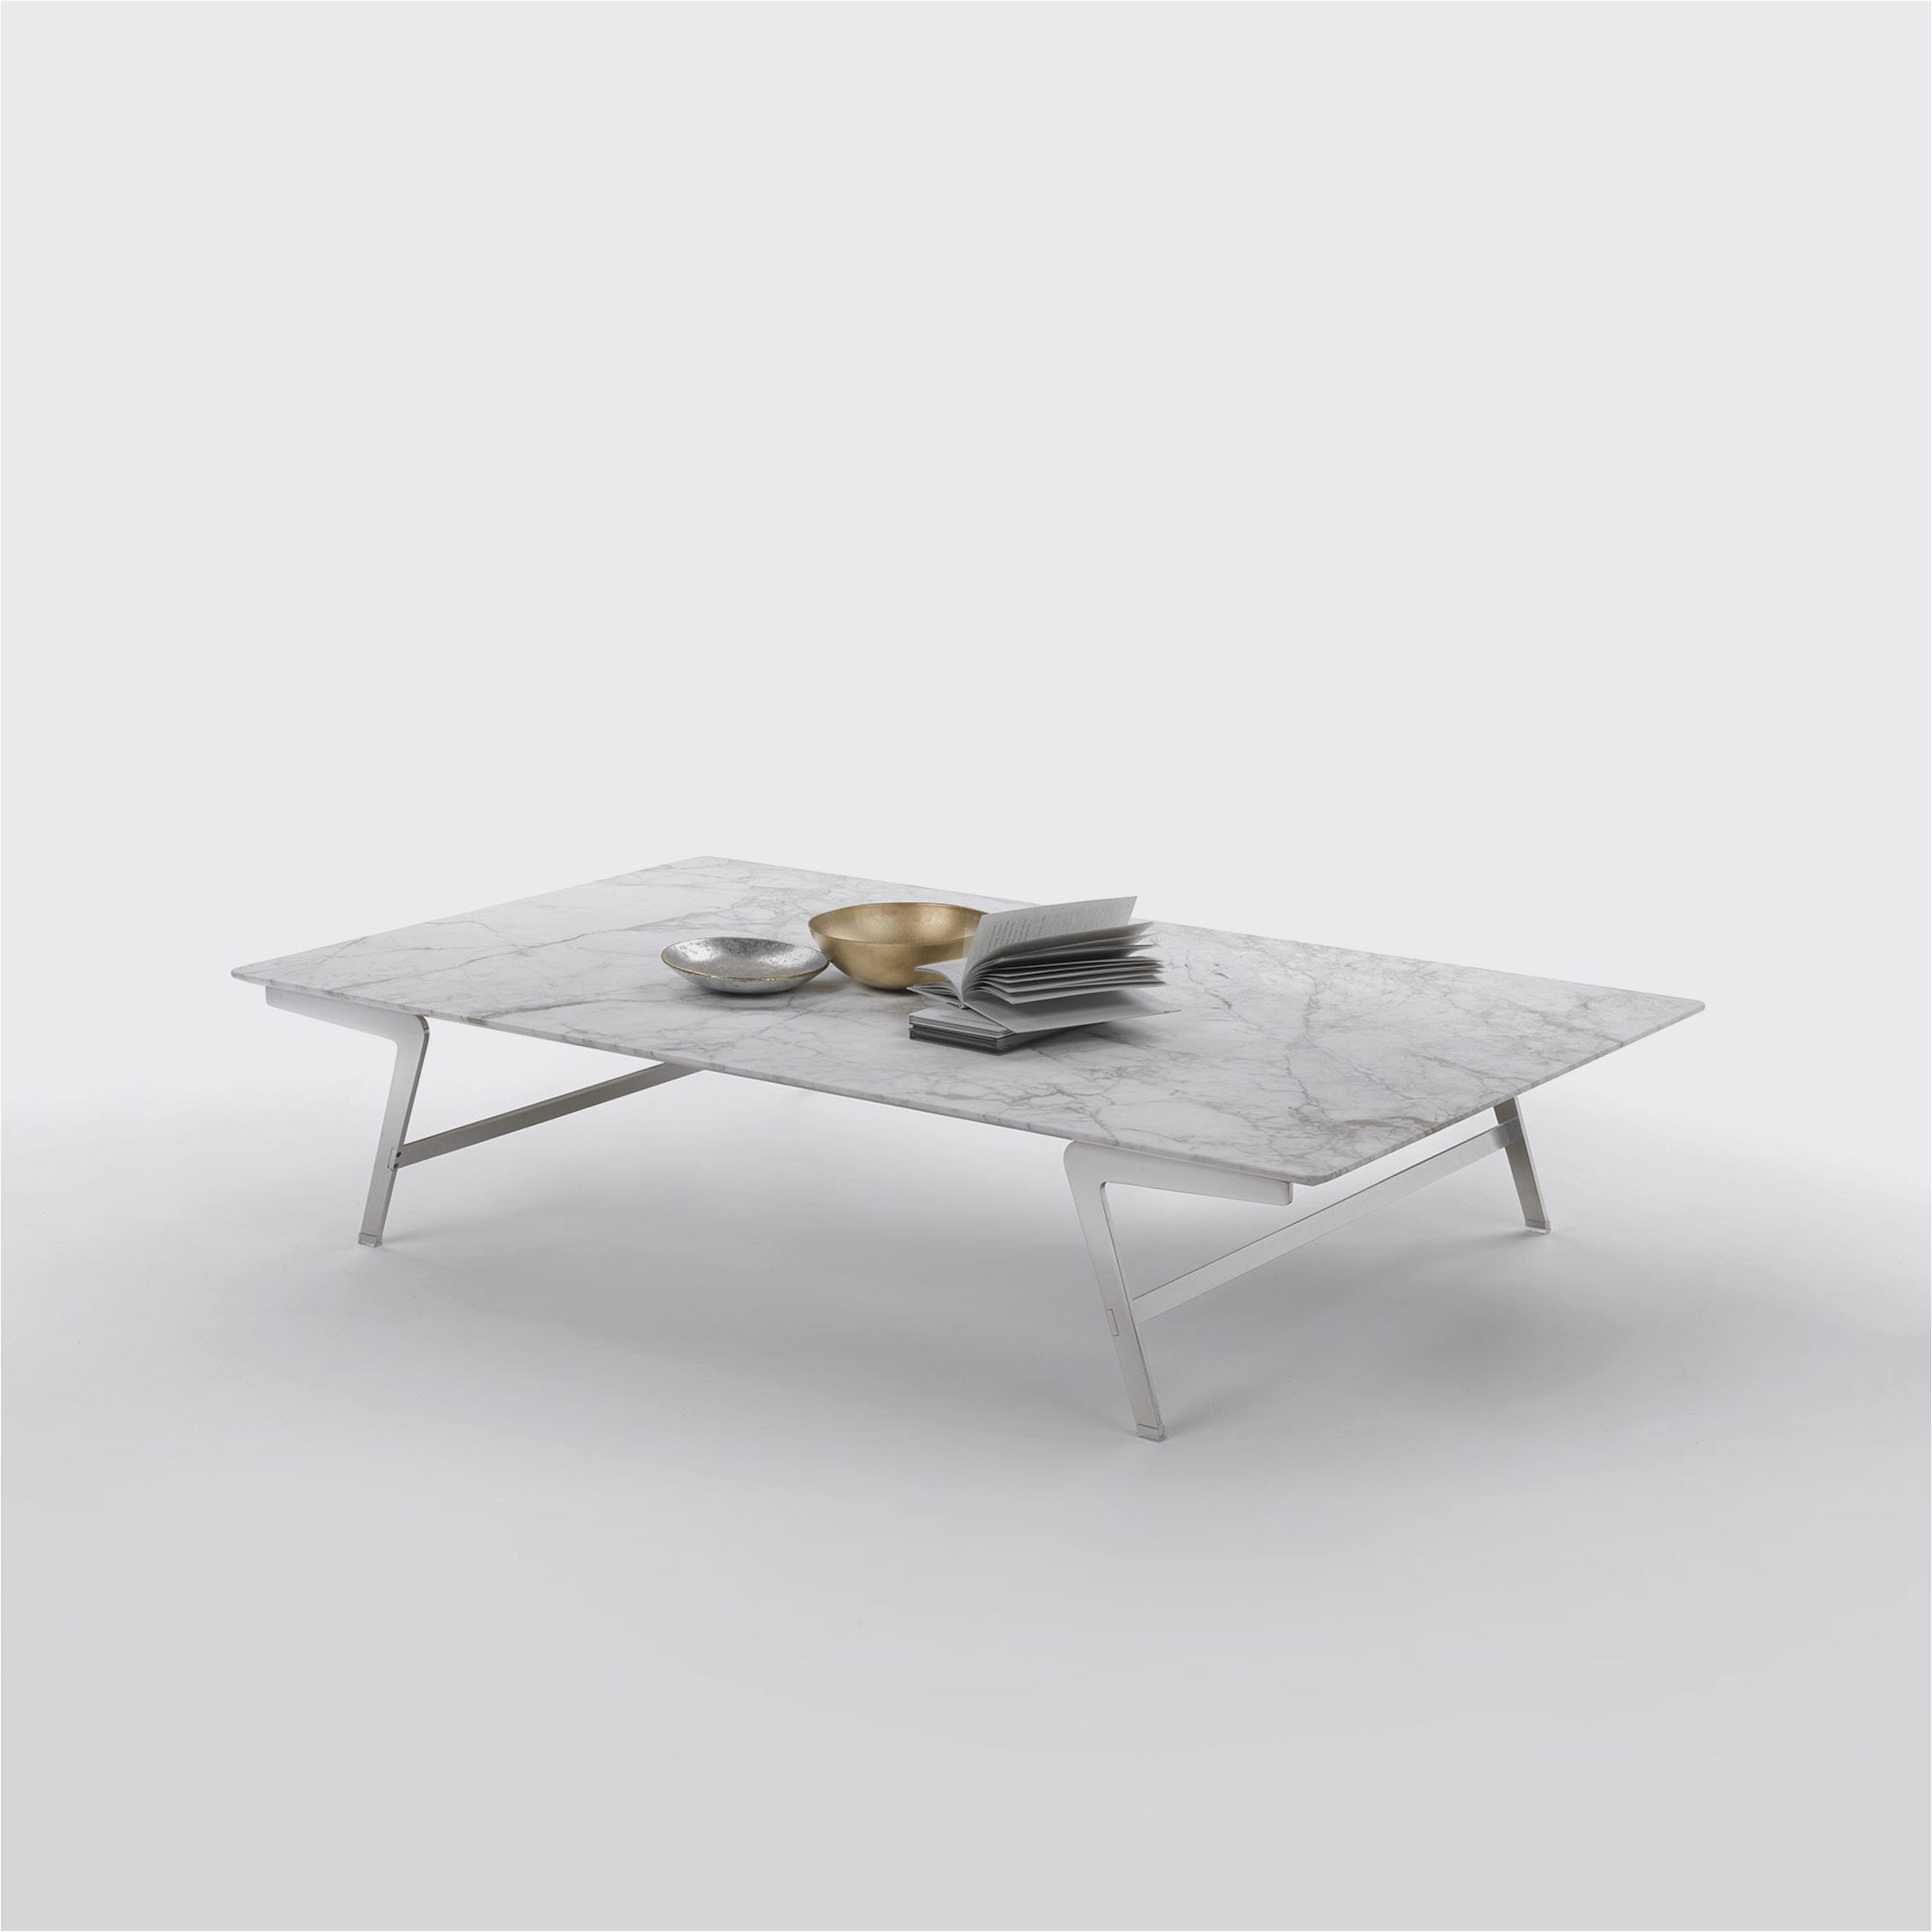 Ikea Lit Surélevé Joli Lit Surlev La Redoute Amazing Lit Surlev La Redoute Finest Finest